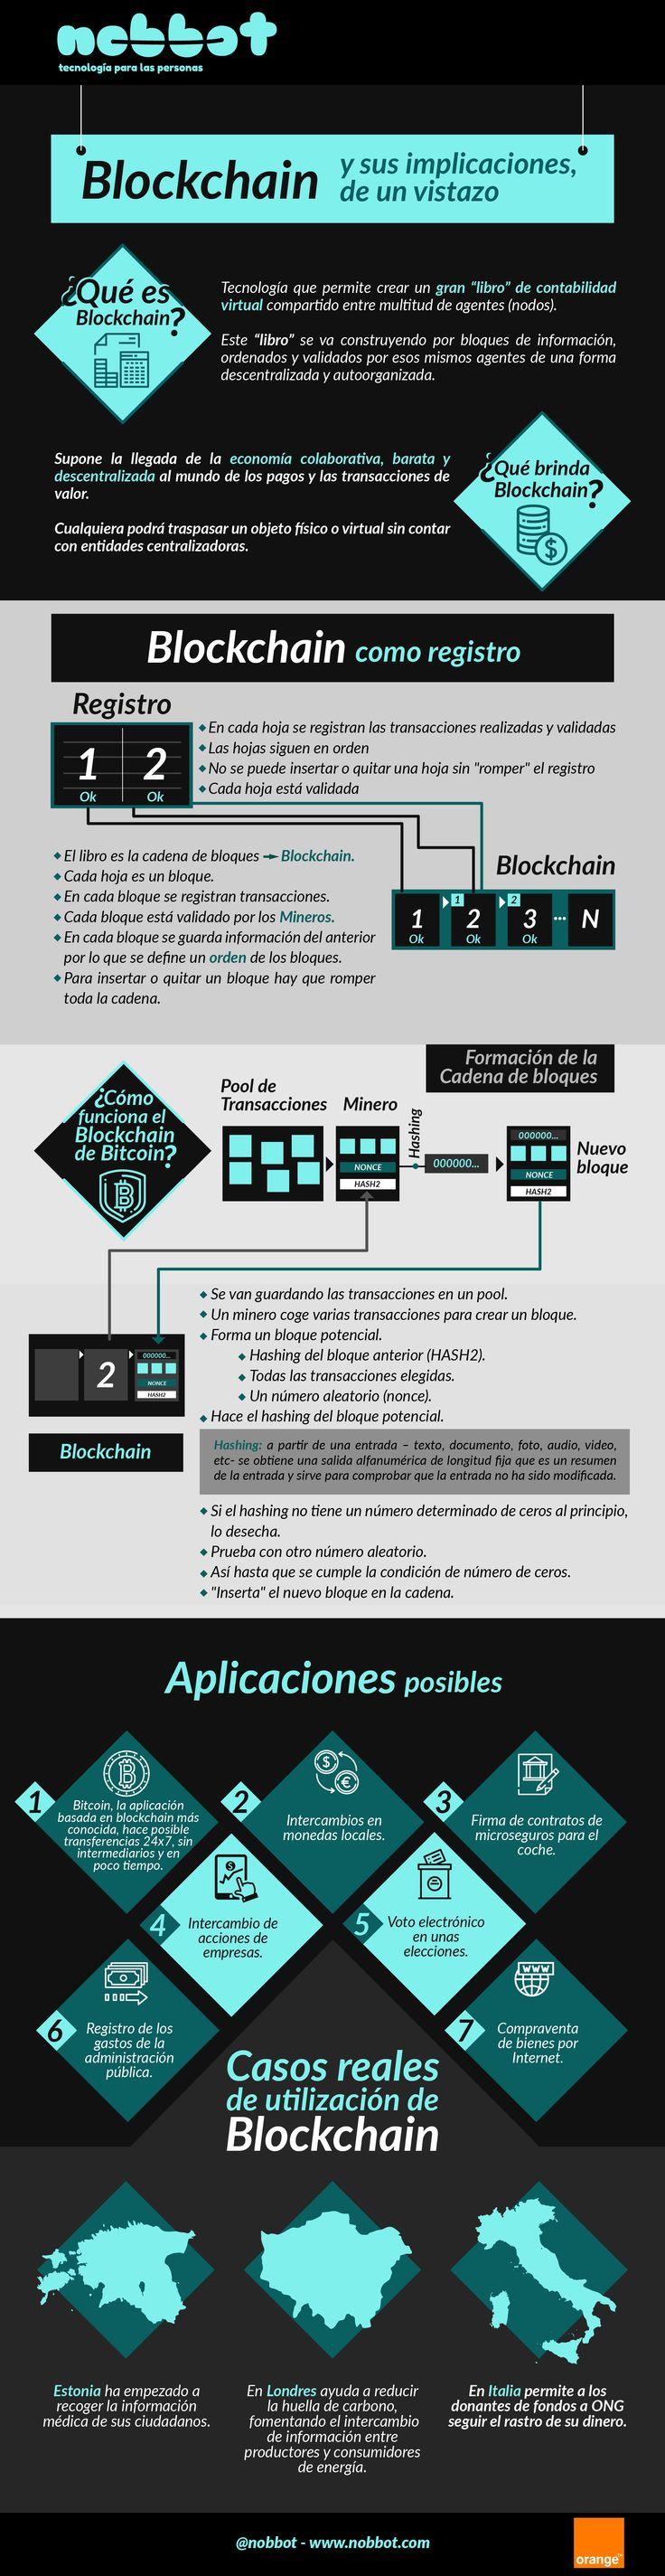 Blockchain es una tecnología que permite reducir los costes de cualquier transacción de valor mediante la descentralización de la confianza